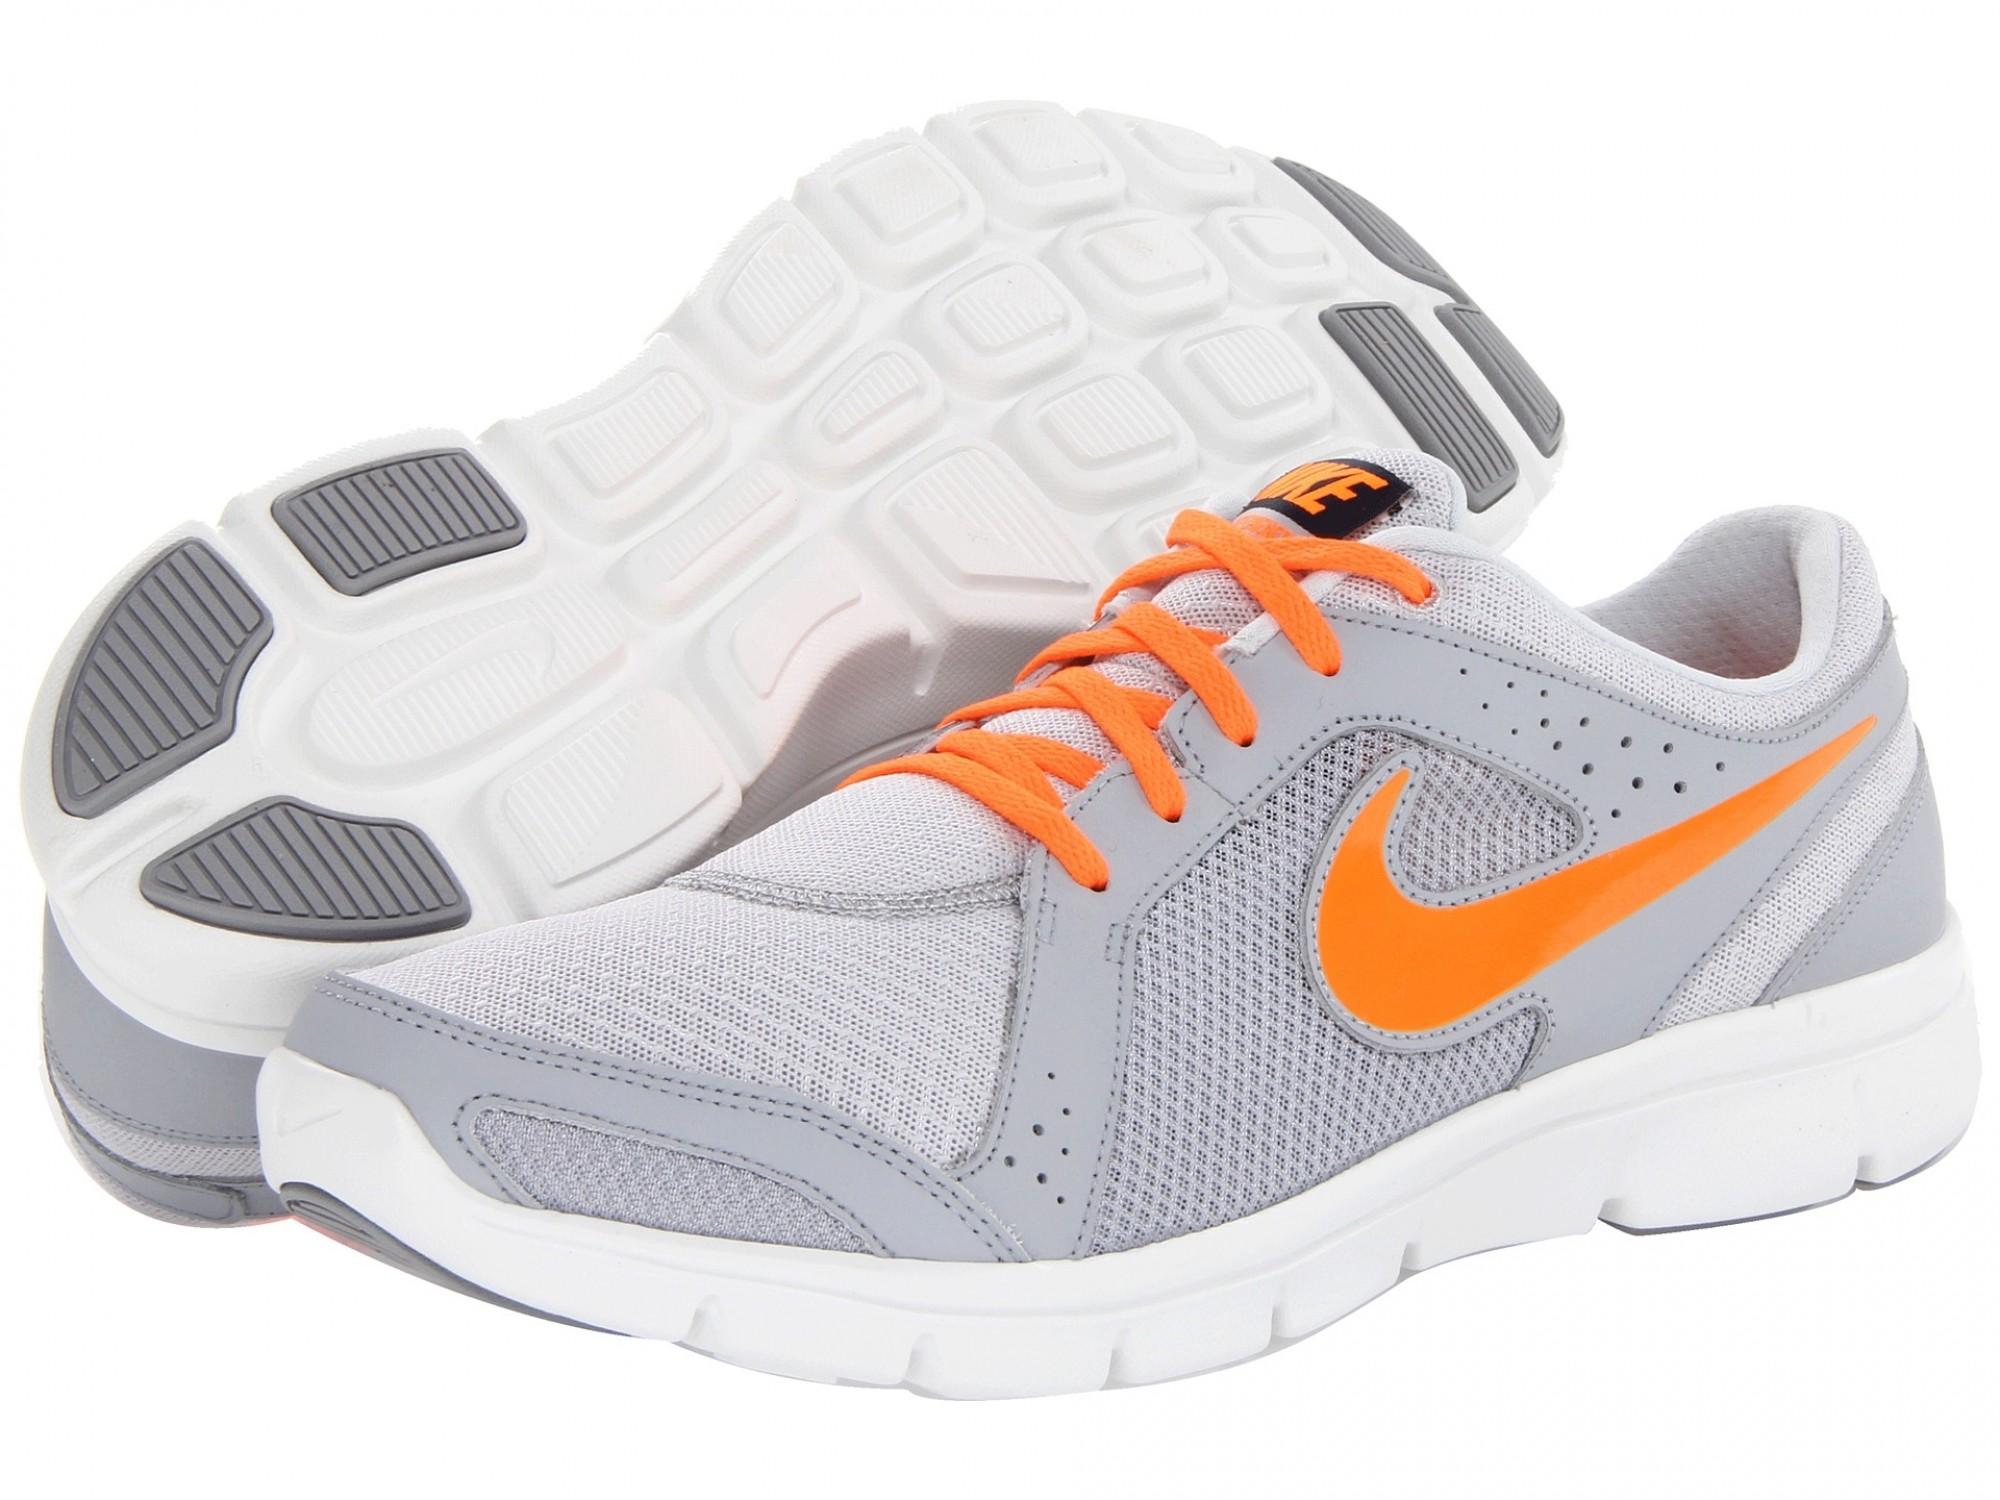 1b868866 Nike Flex Experience Run 2 Беговые кроссовки купить в Украине, цена ...